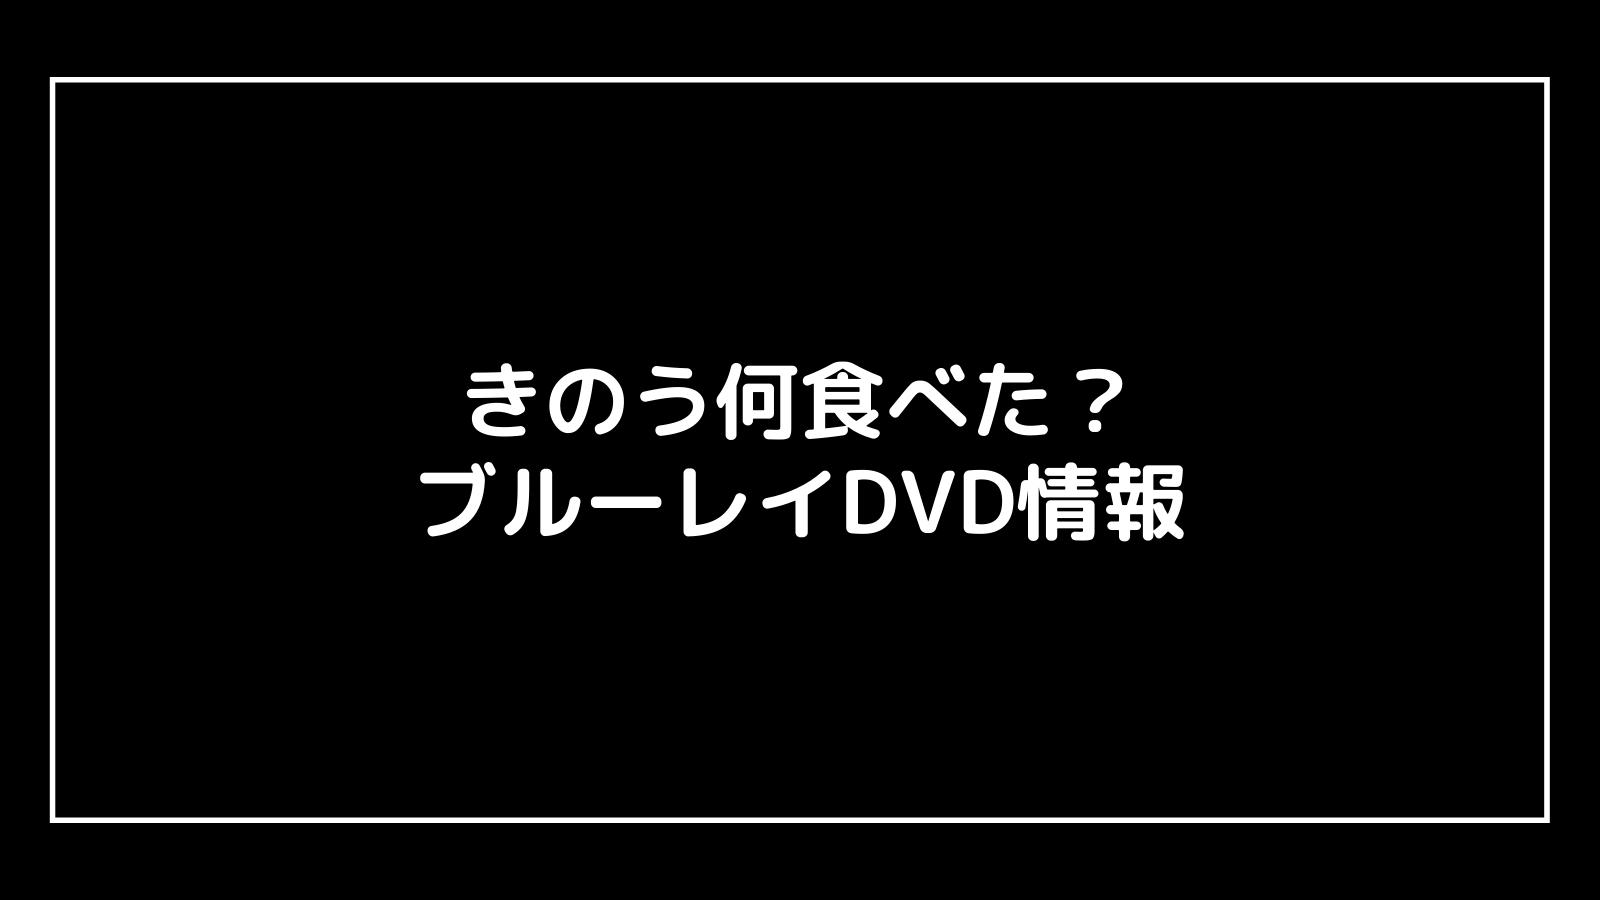 映画『きのう何食べた?』のDVD発売日と予約開始日はいつから?円盤情報まとめ